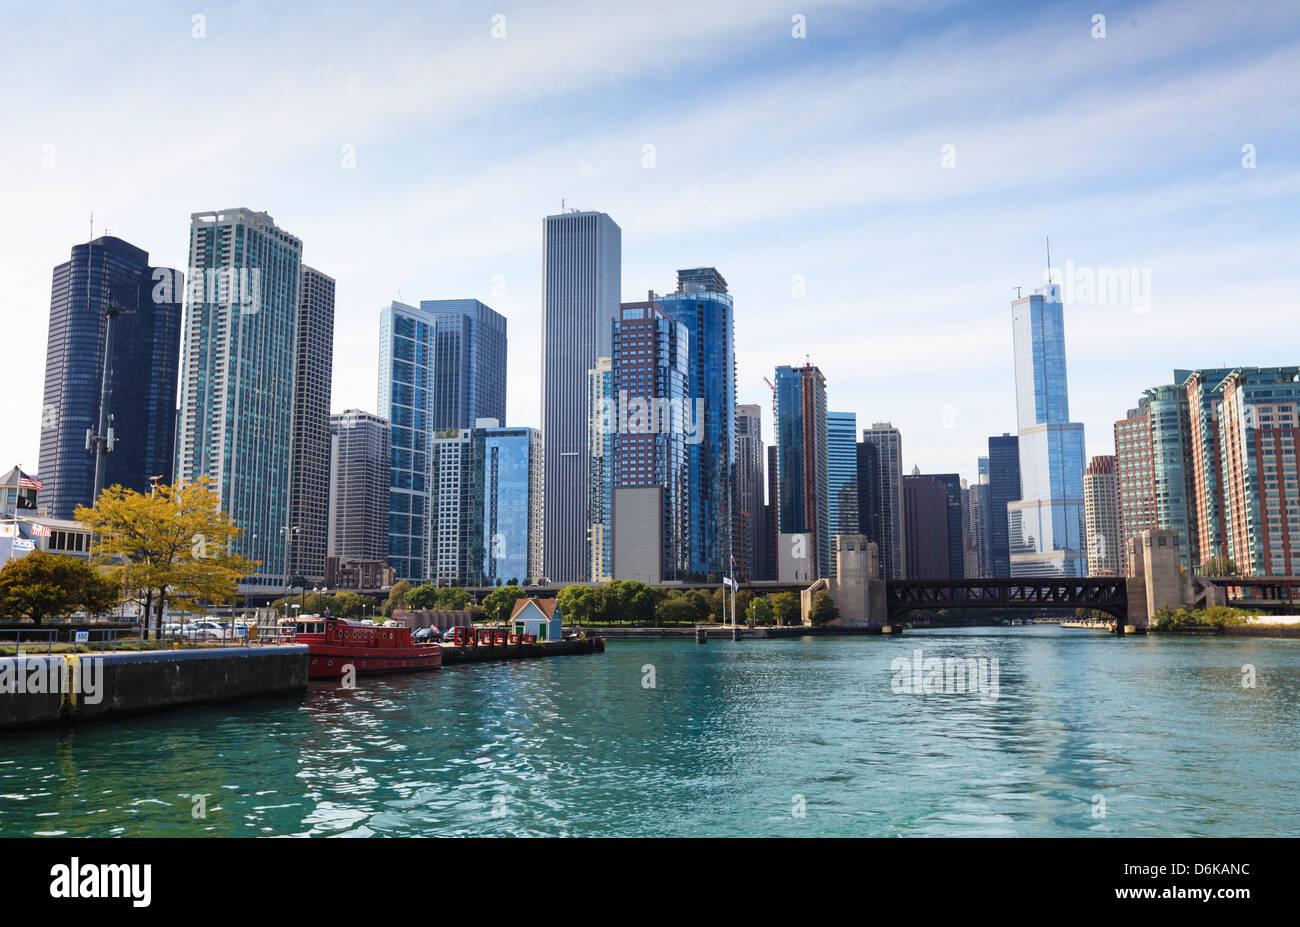 Sur les toits de la ville de la rivière Chicago, Chicago, Illinois, États-Unis d'Amérique, Amérique Photo Stock